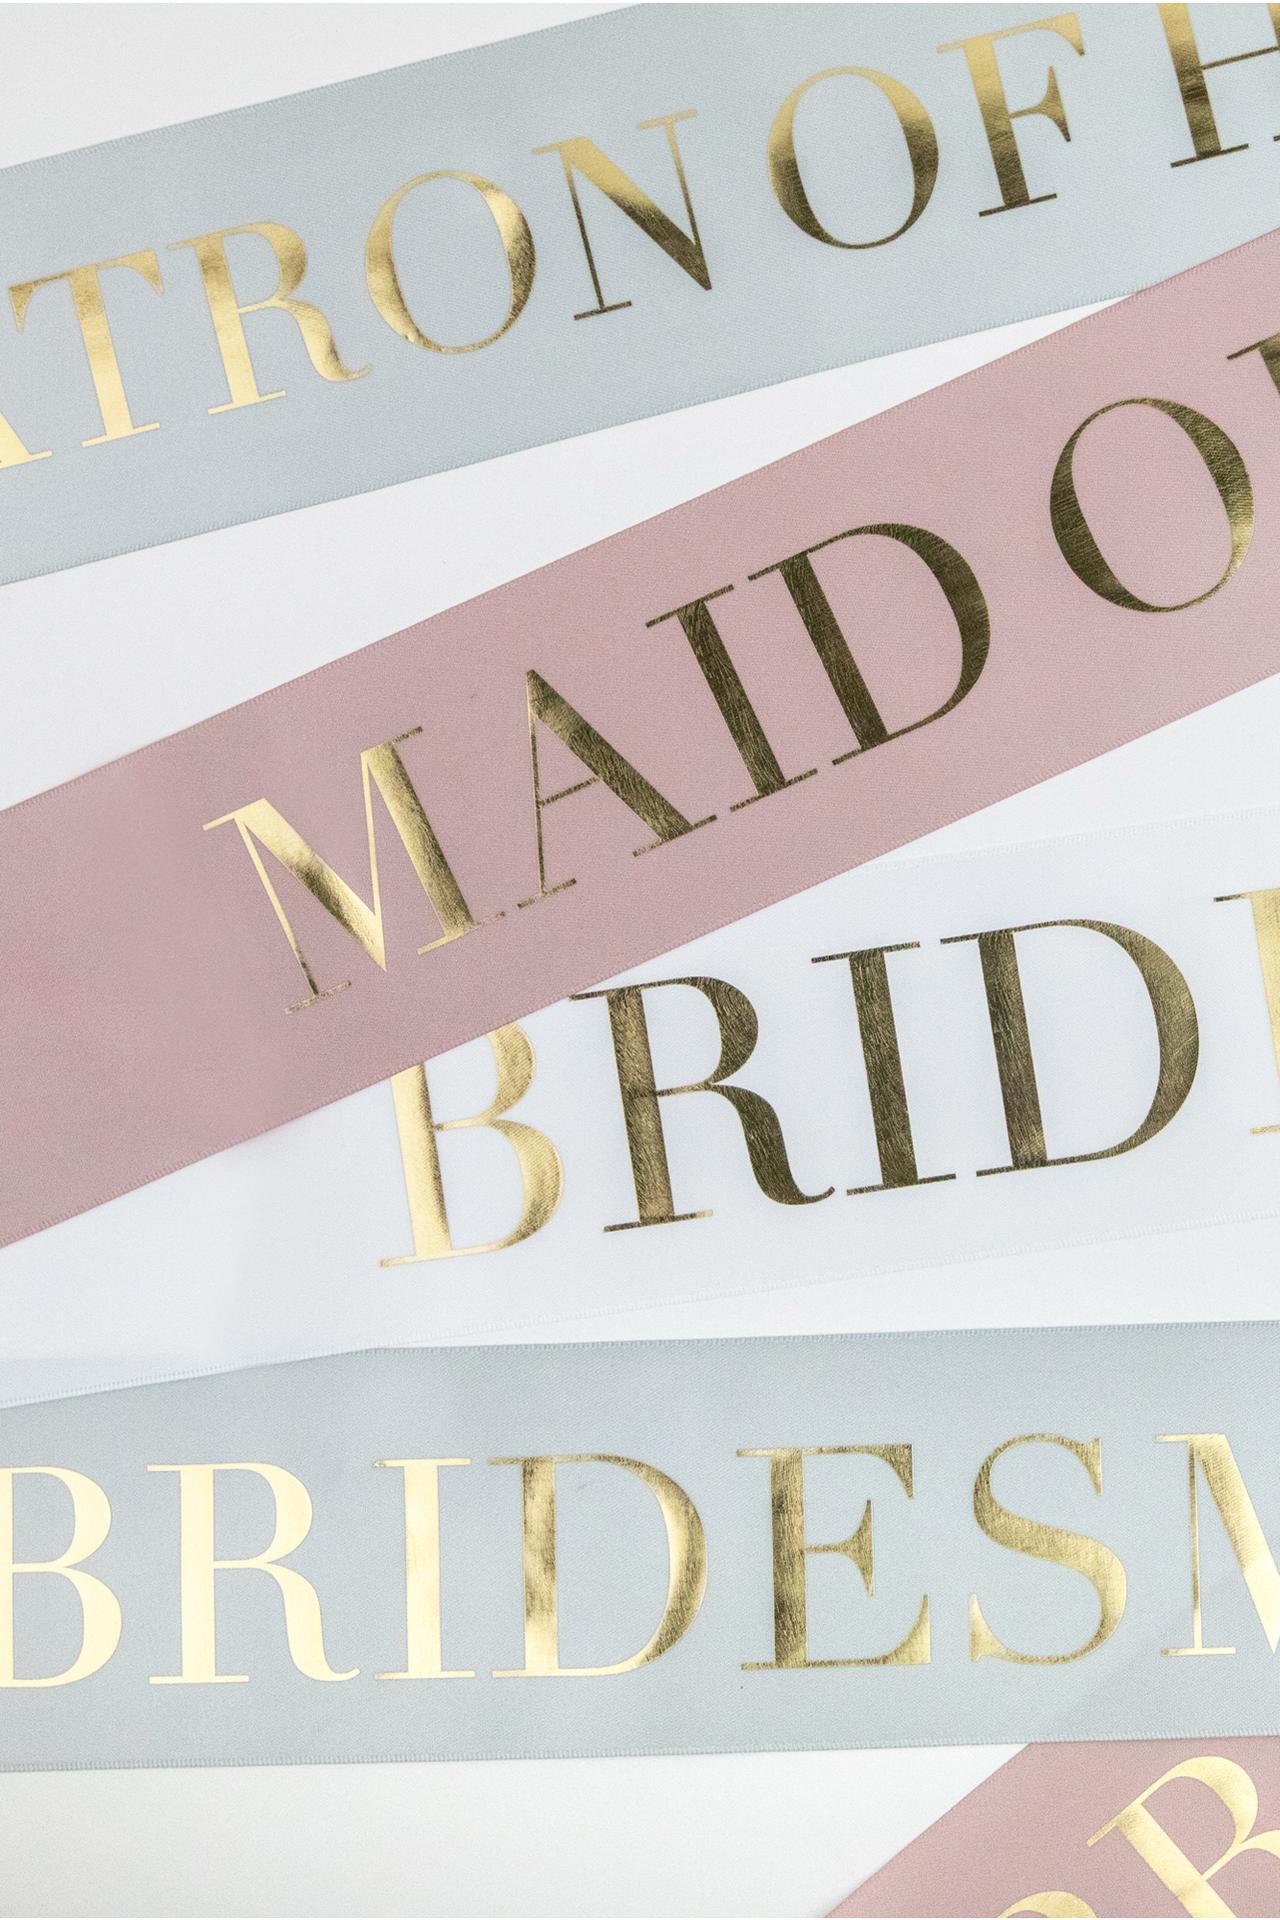 Boxed Bridal Sash - Maid of Honor